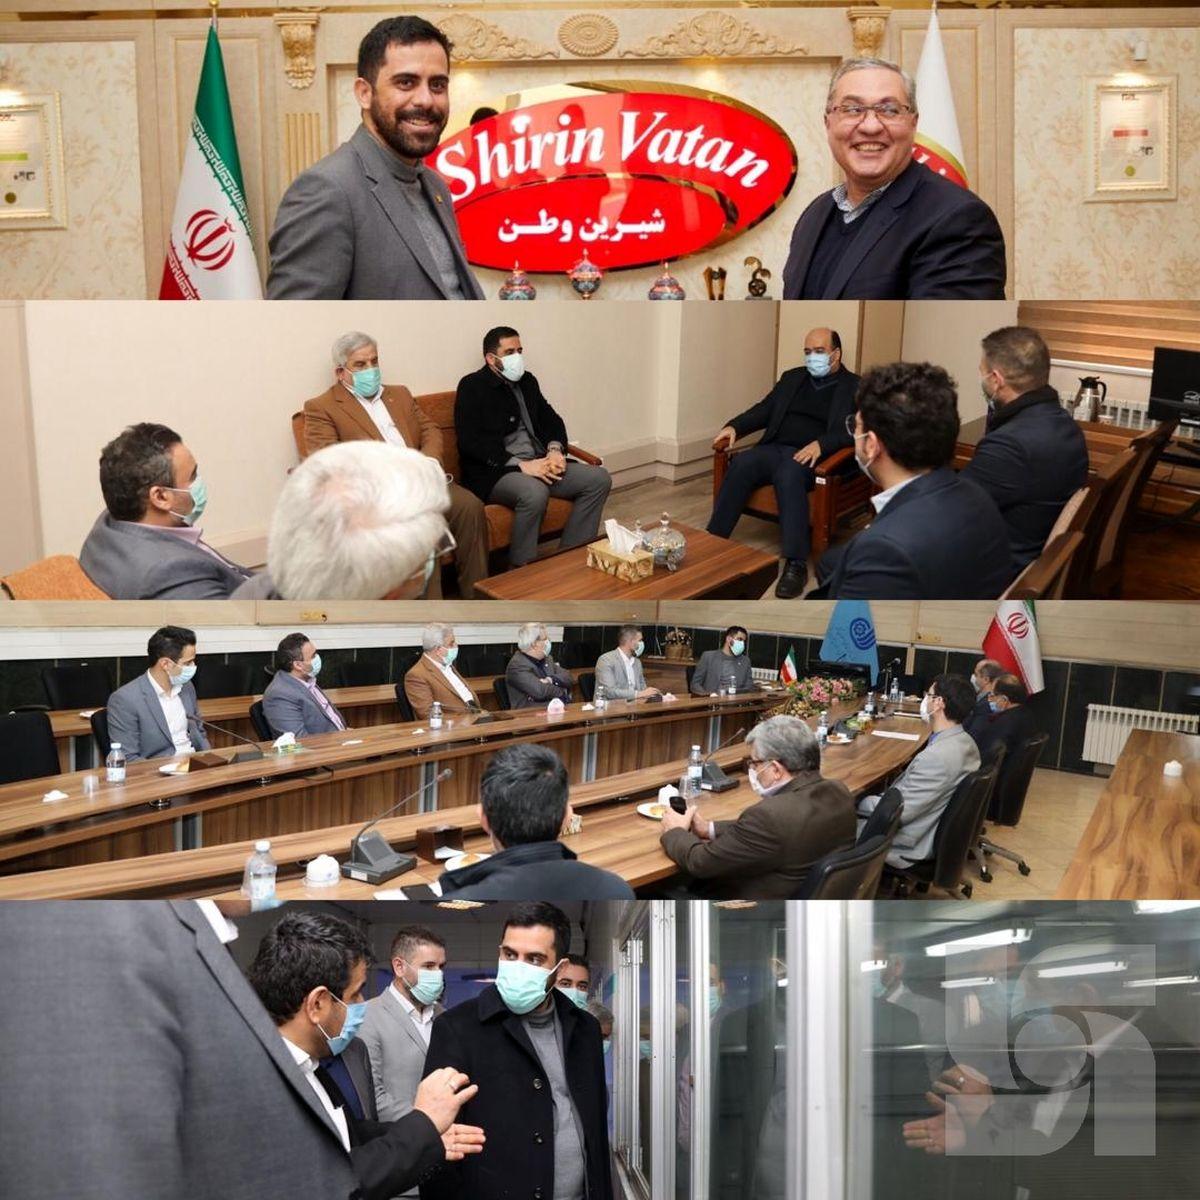 امضای ۲ قرارداد بیمهای بزرگ در سفر رئیس هیات مدیره بیمه سرمد به تبریز